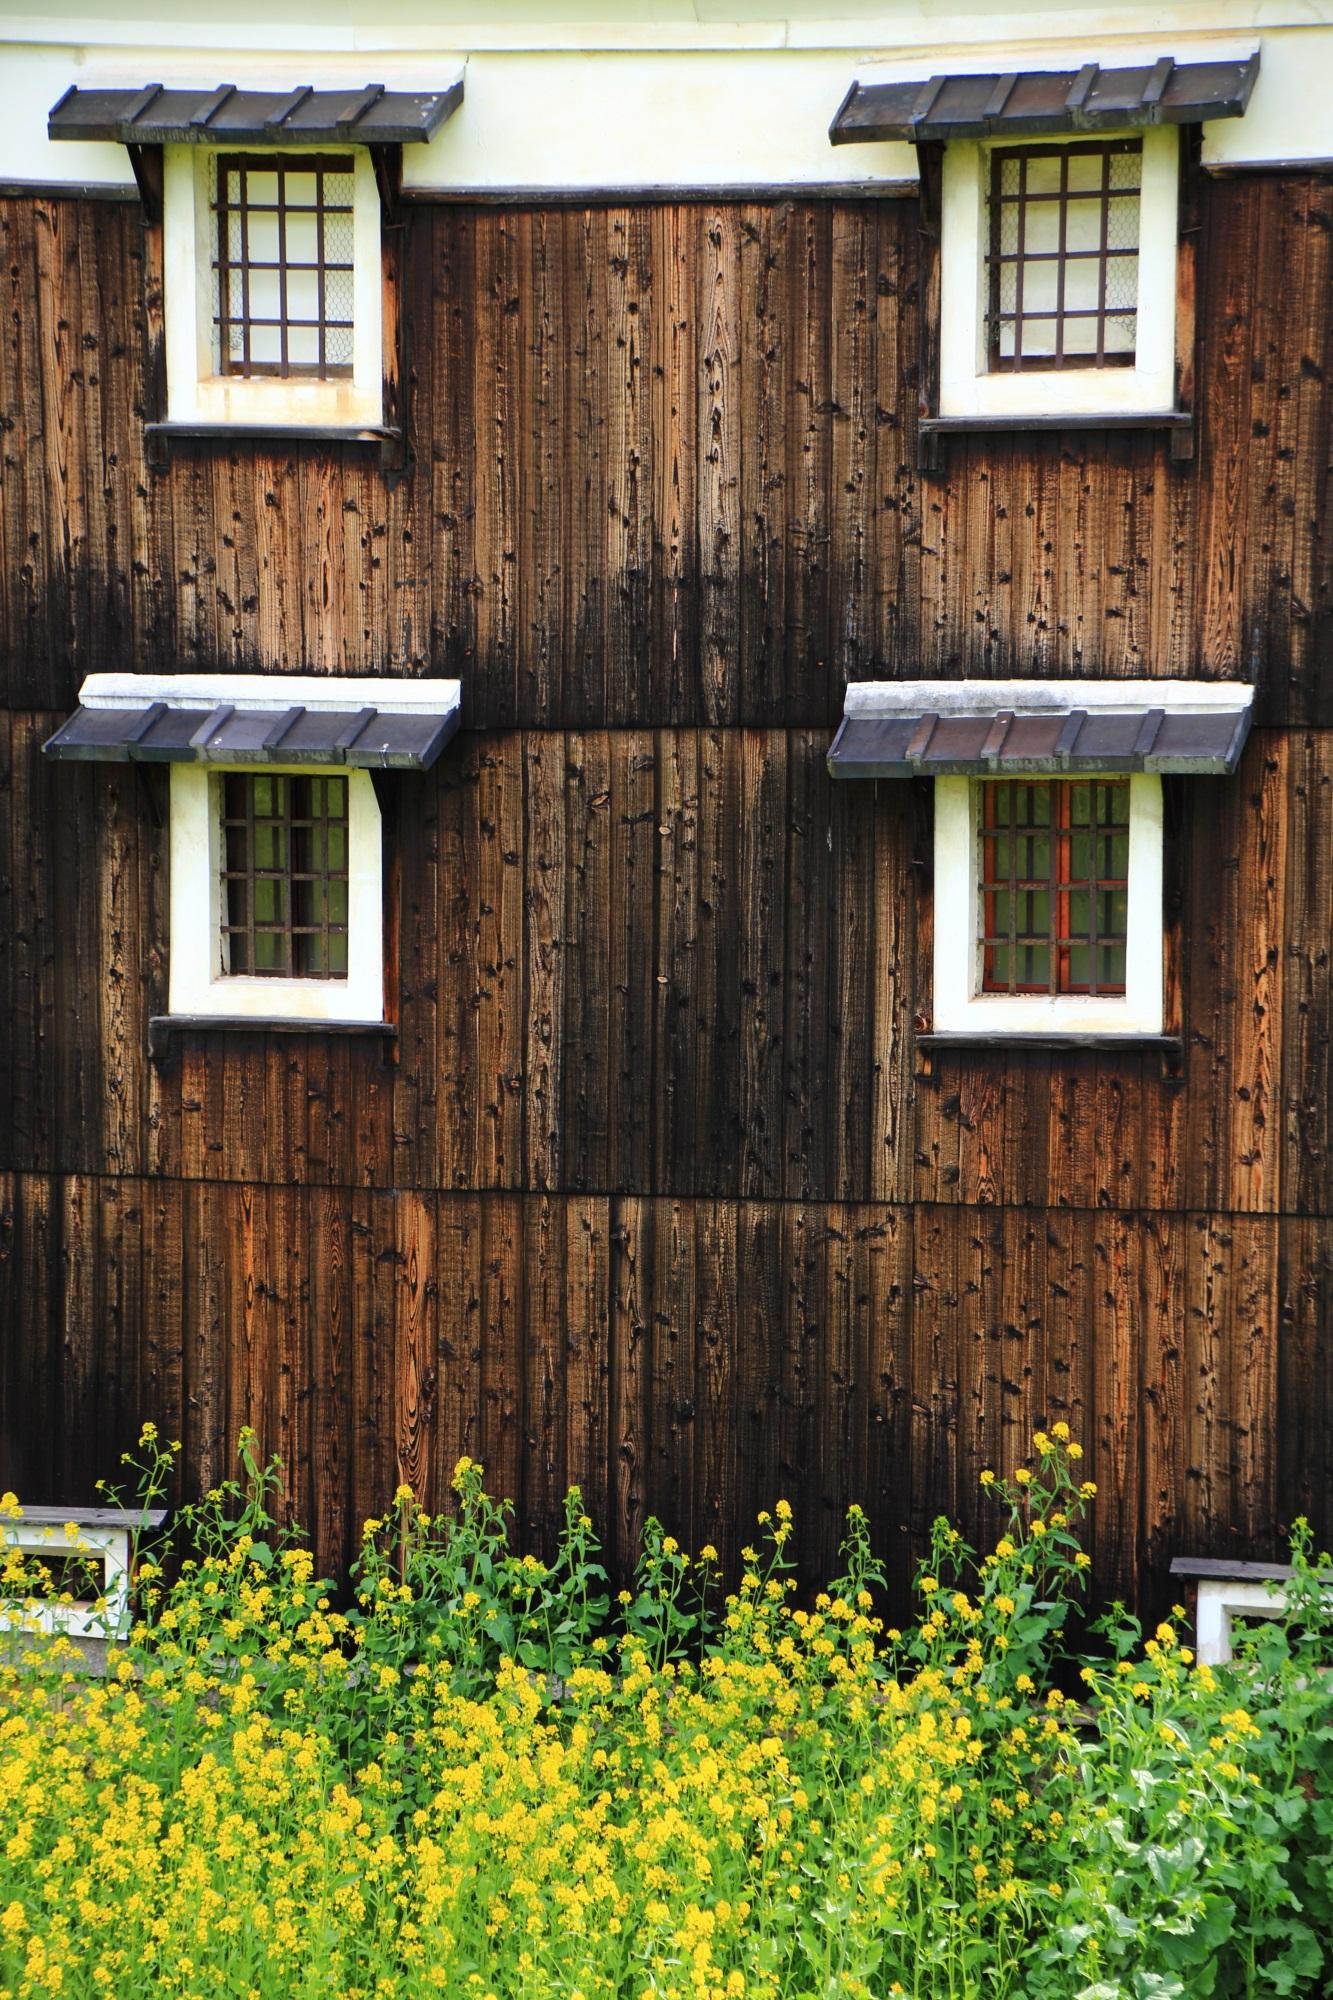 独特の木の壁と白枠の窓を彩る黄色い菜の花